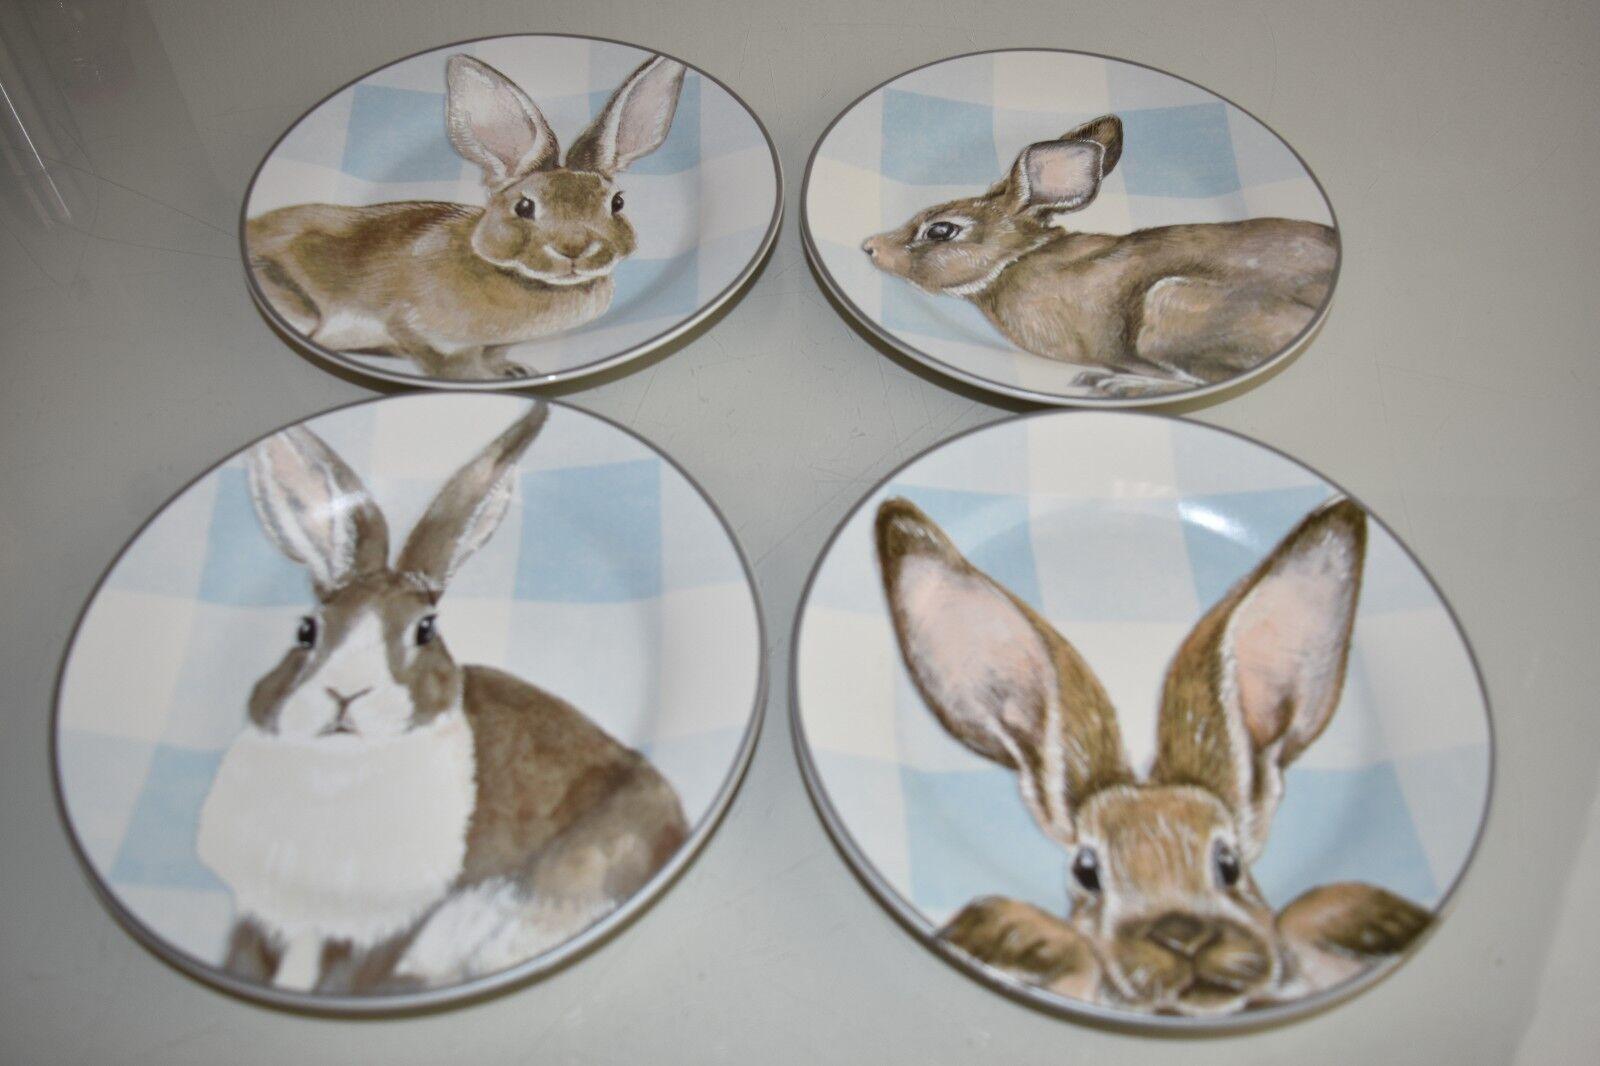 Nouvelle Williams Sonoma Vichy Bunny assiettes à salade 4 Pc Set Bleu Blanc Paques 16 AVA